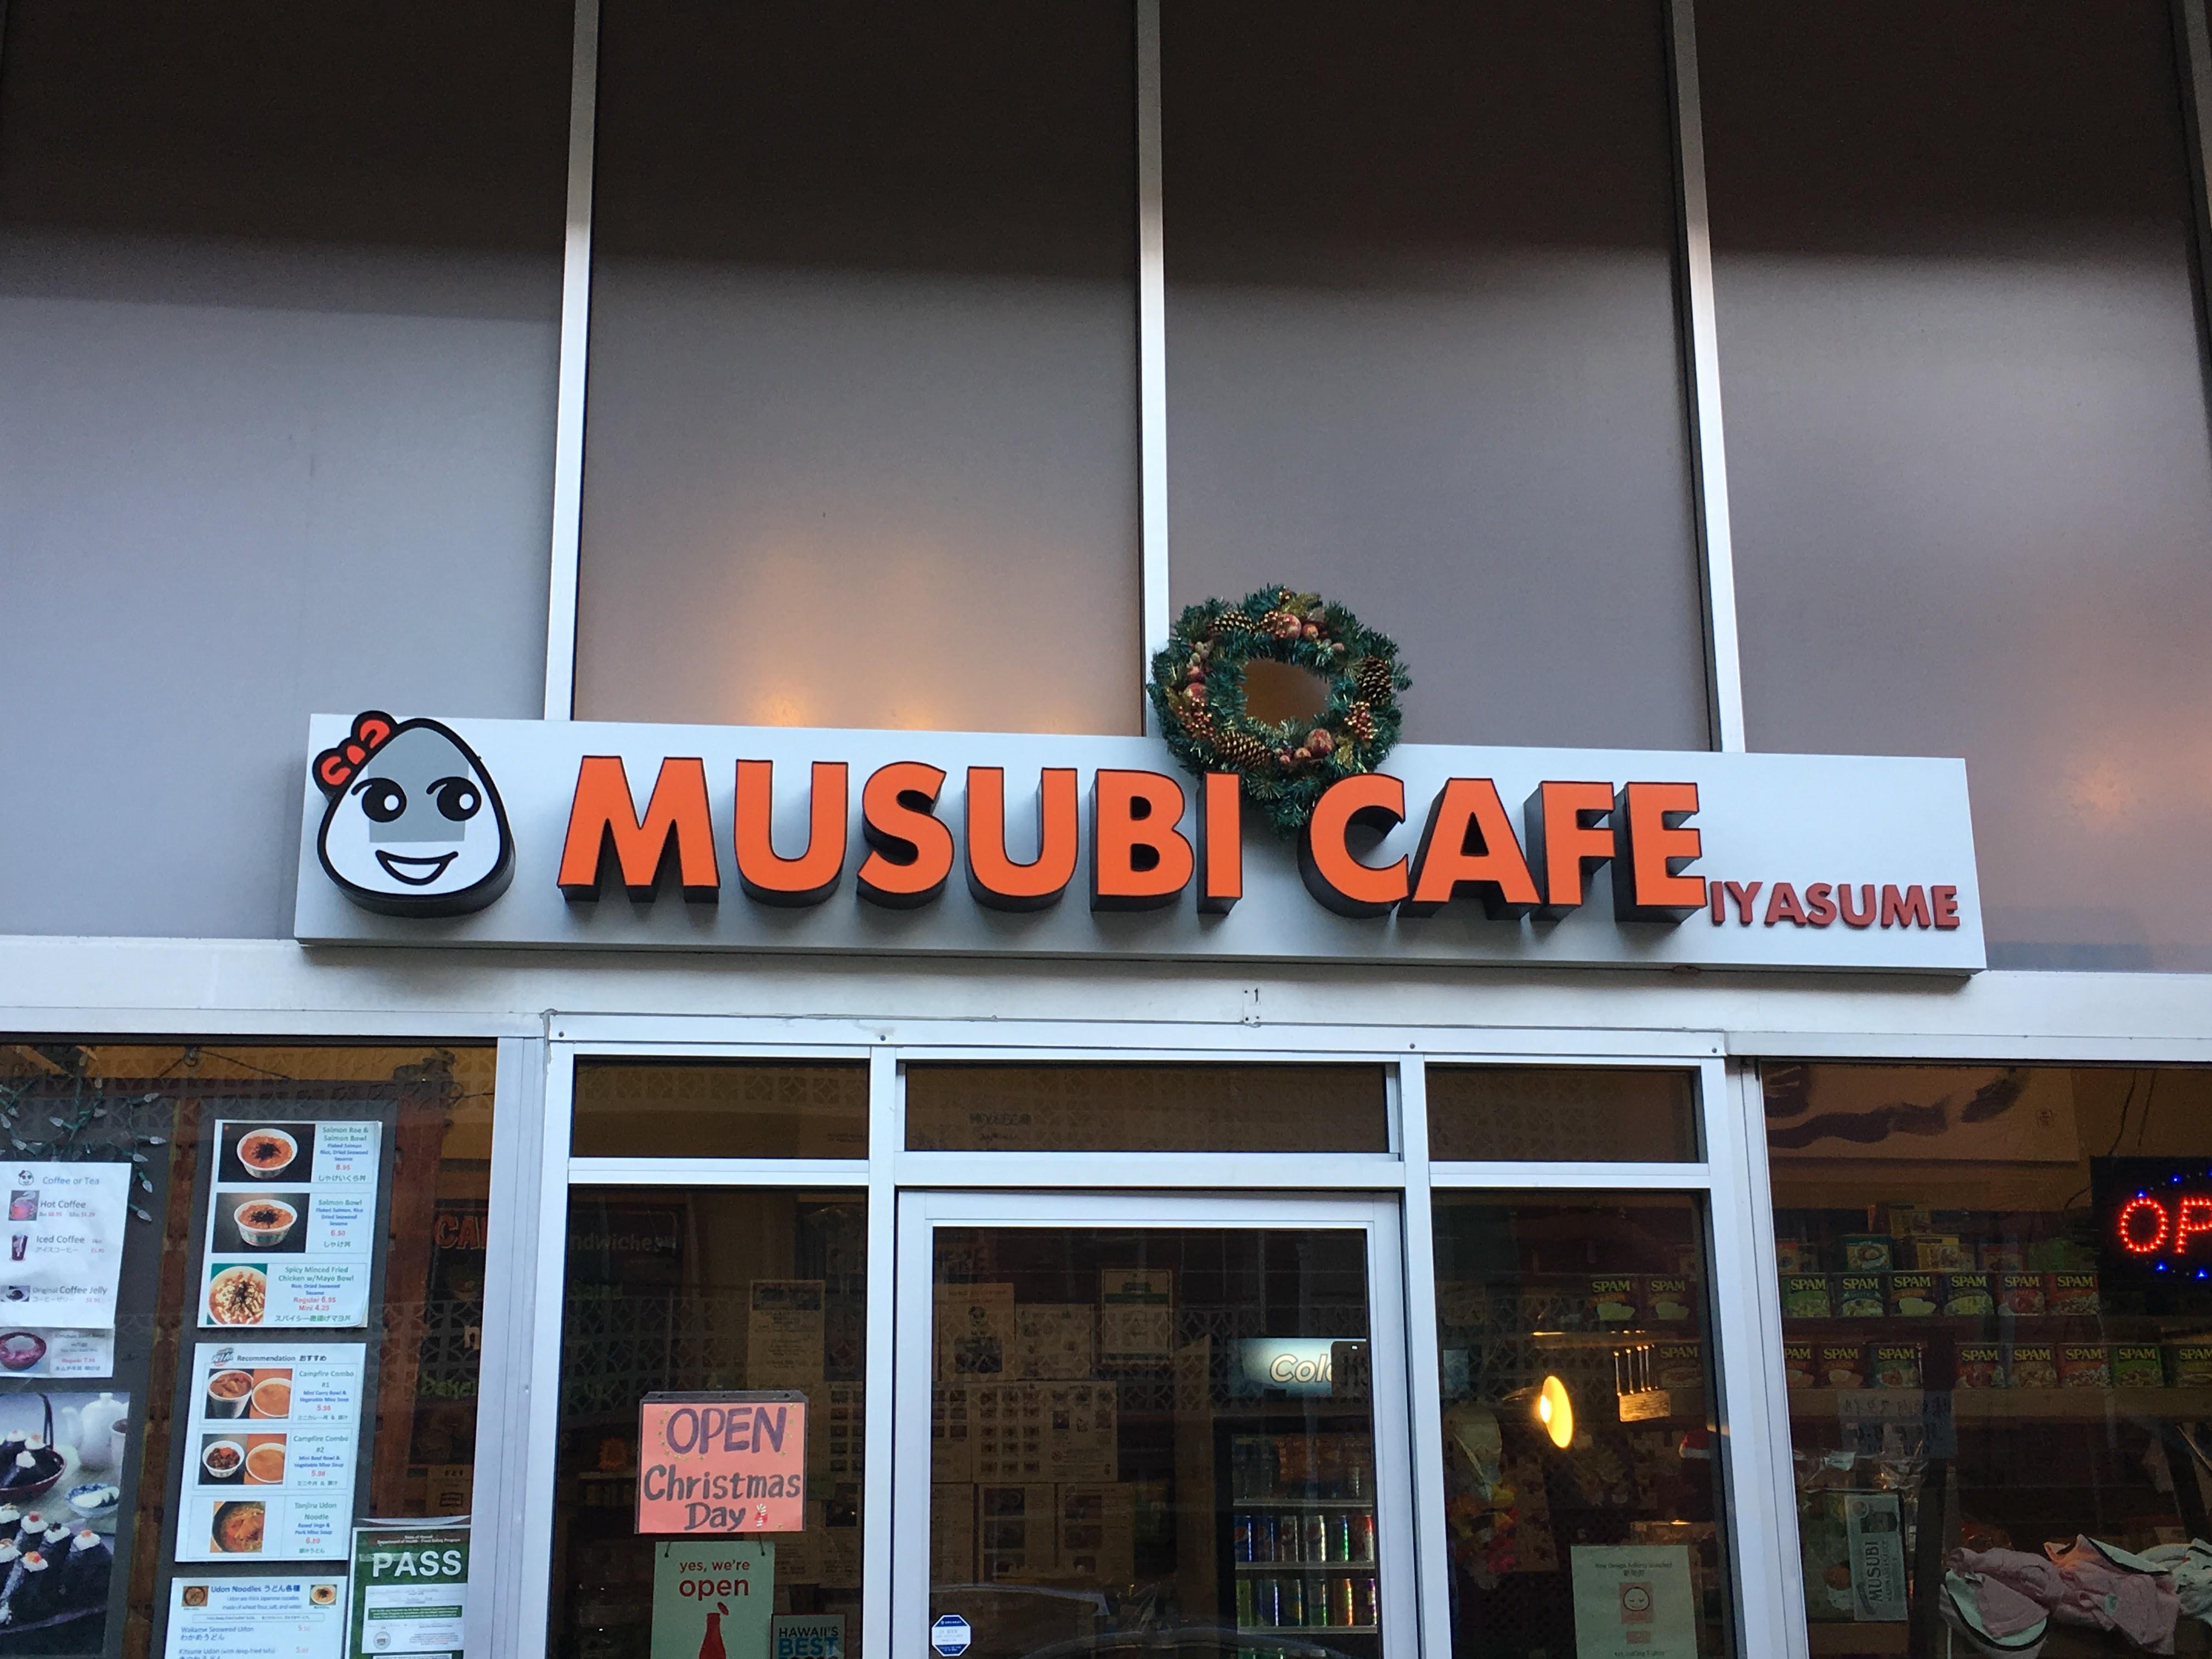 いやすめむすび。ワイキキで話題の梅スパムむすびを食す!10ドル以内で朝食&ランチをできるワイキキ中心部の貴重なカフェ